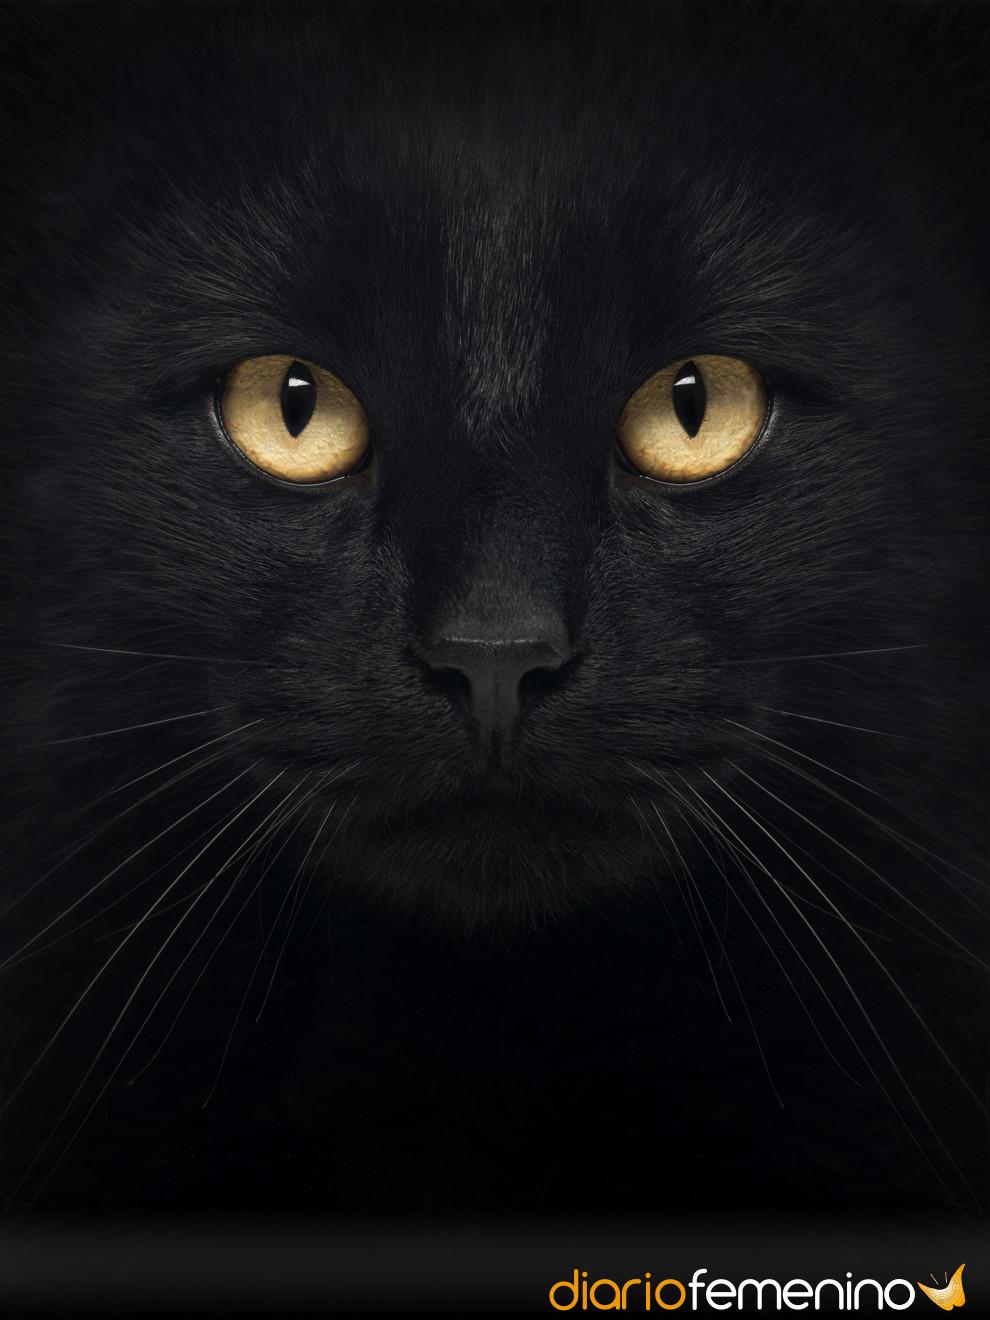 Soñar con gatos negros: presagio de engaños y mentiras